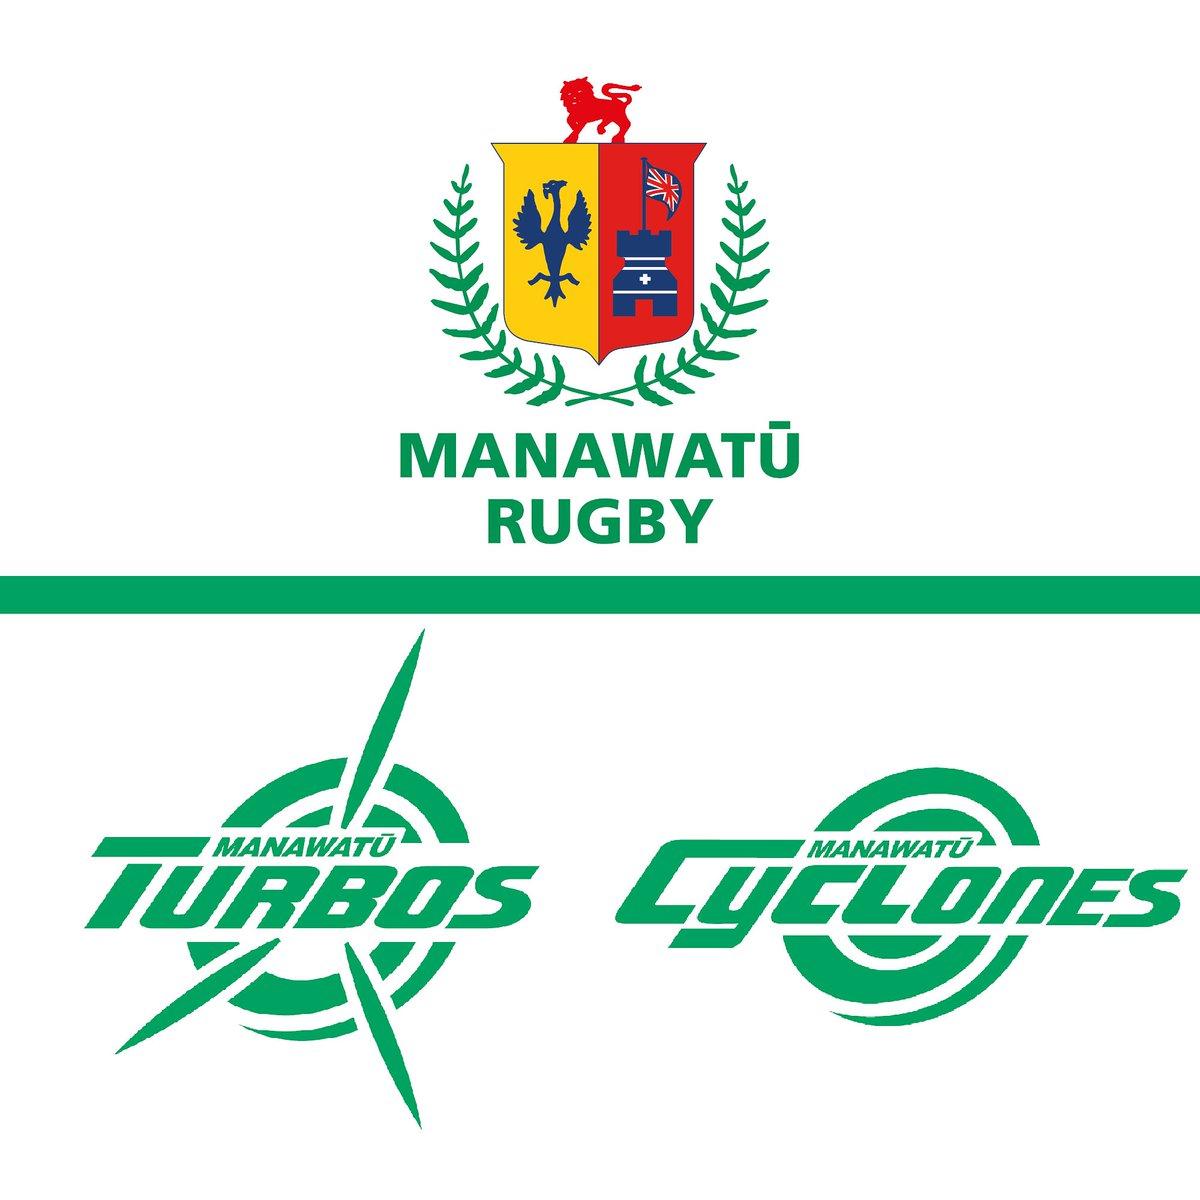 Manawatu Turbos (@ManawatuTurbos)